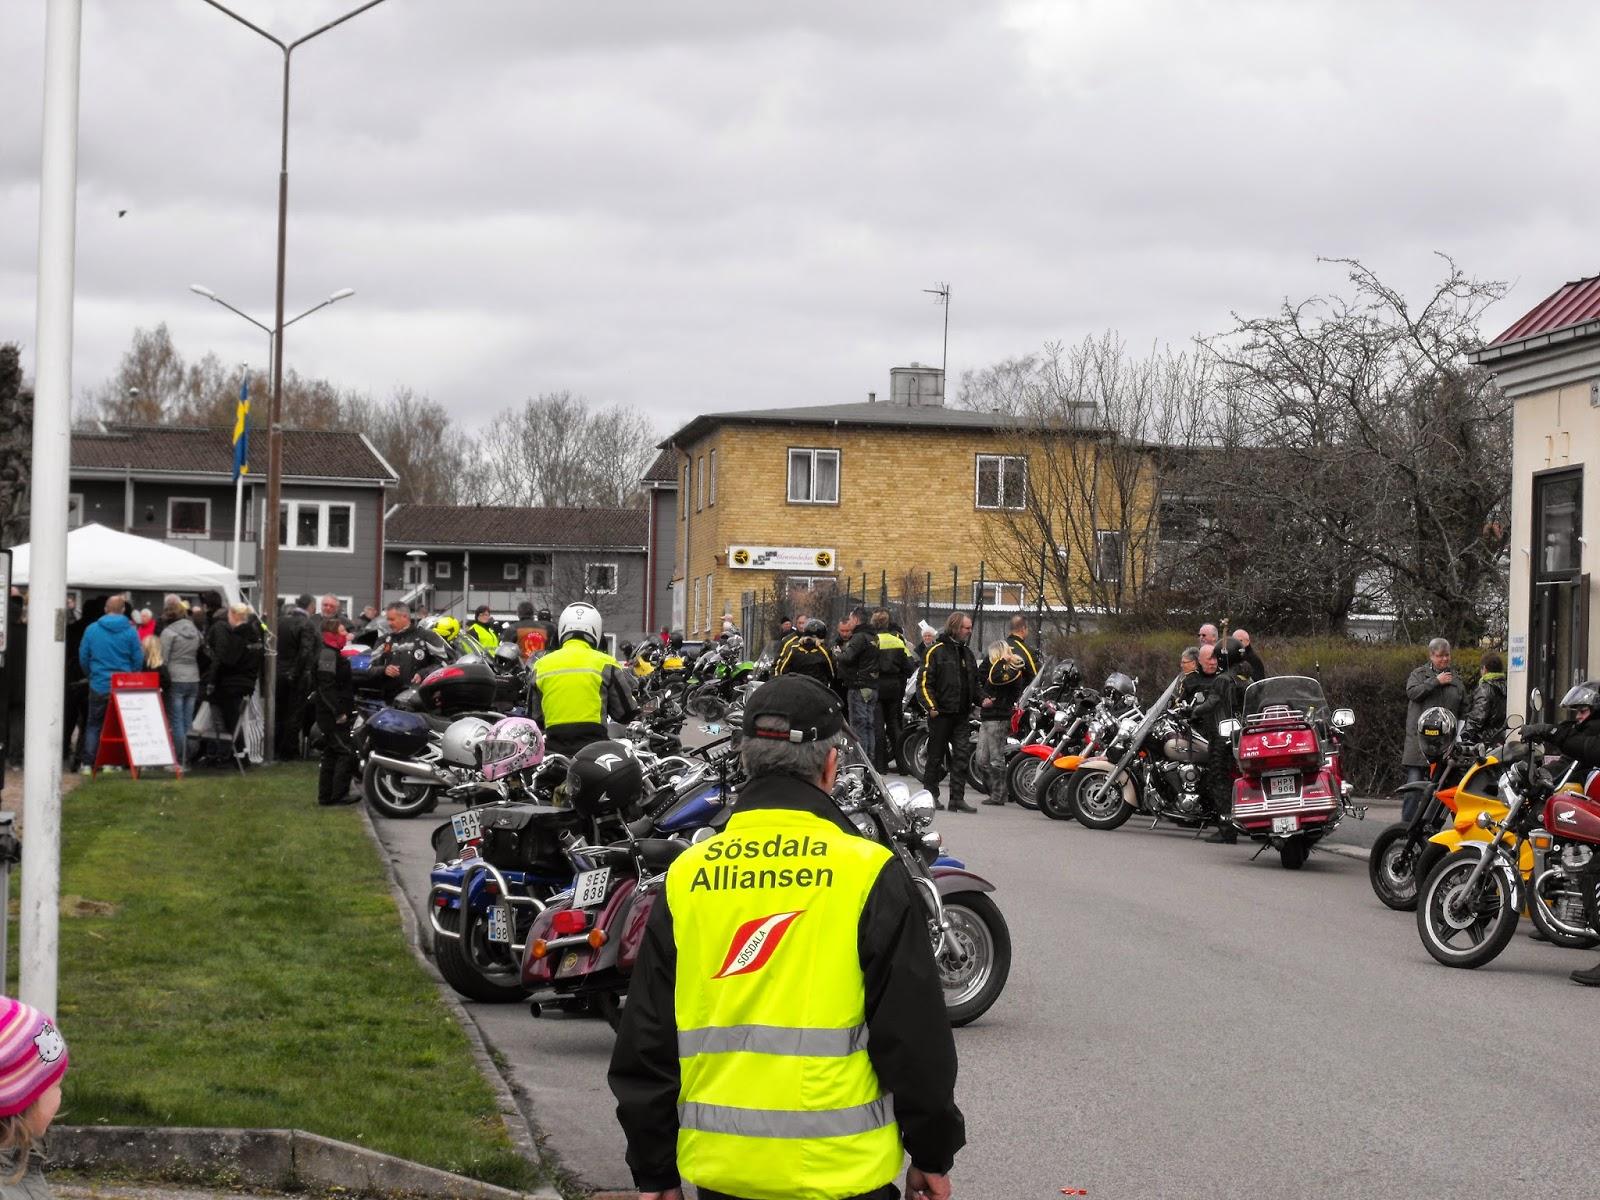 Vårmarknad i Sösdala, Sösdala, vårmarknad, marknad, Lille Mads rally, motorcyklar, Sösdala Alliansen